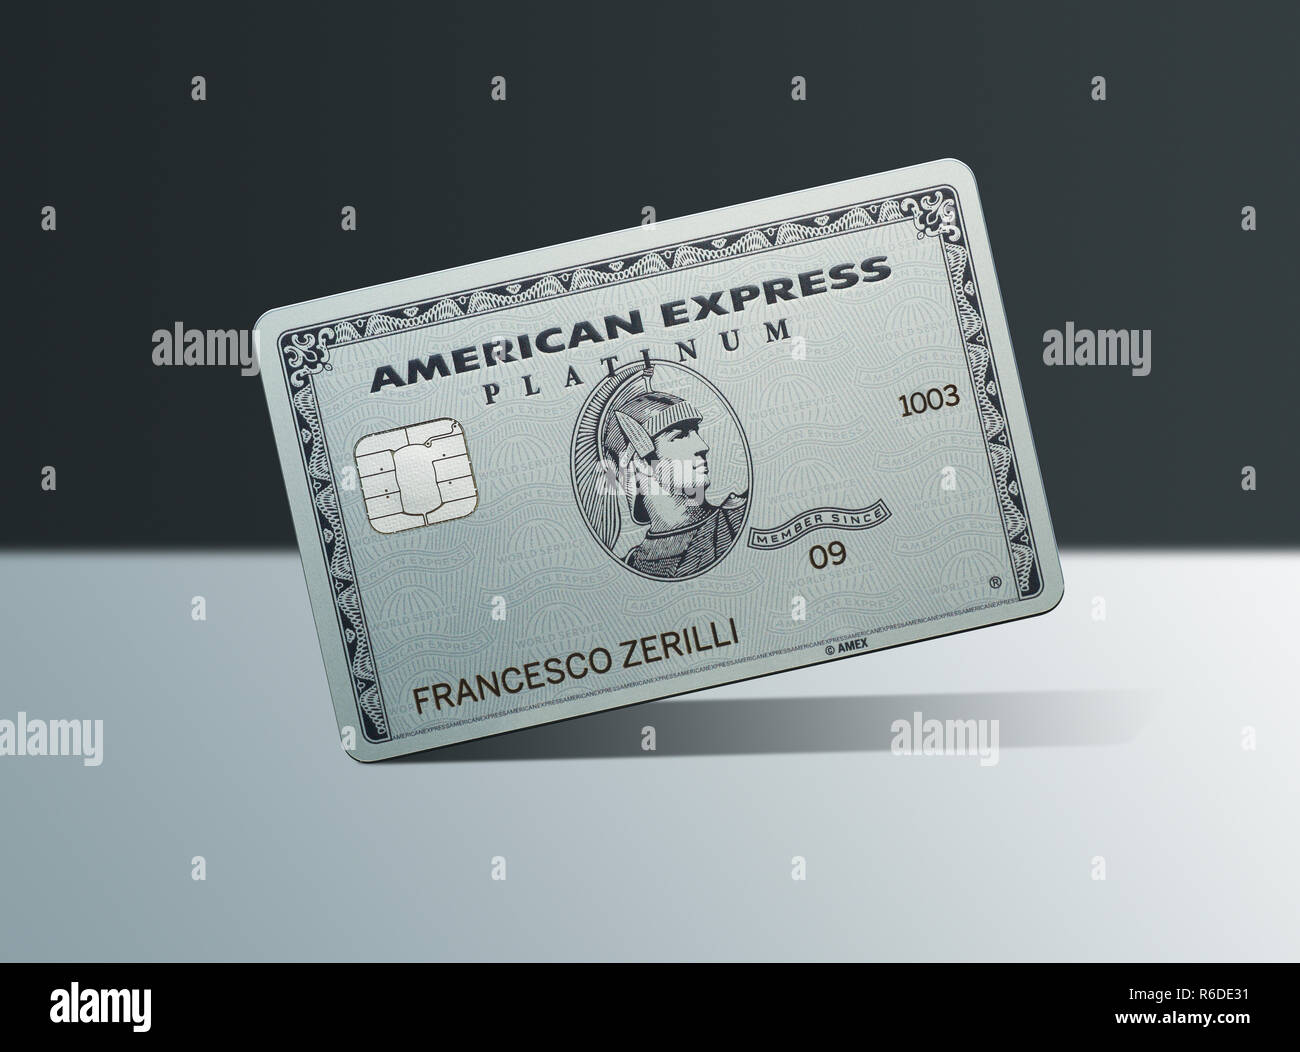 In der Nähe von American Express Platinum Card, geneigt auf weiße